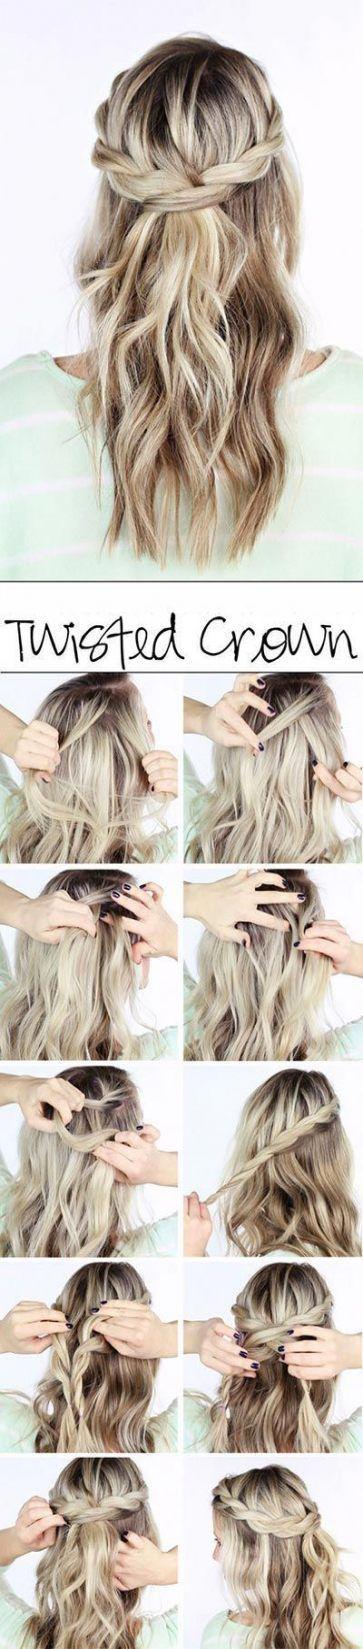 #LazyHairstyles #hairstyles #trendy 43 Trendy Frisuren faul bis zur Hälfte